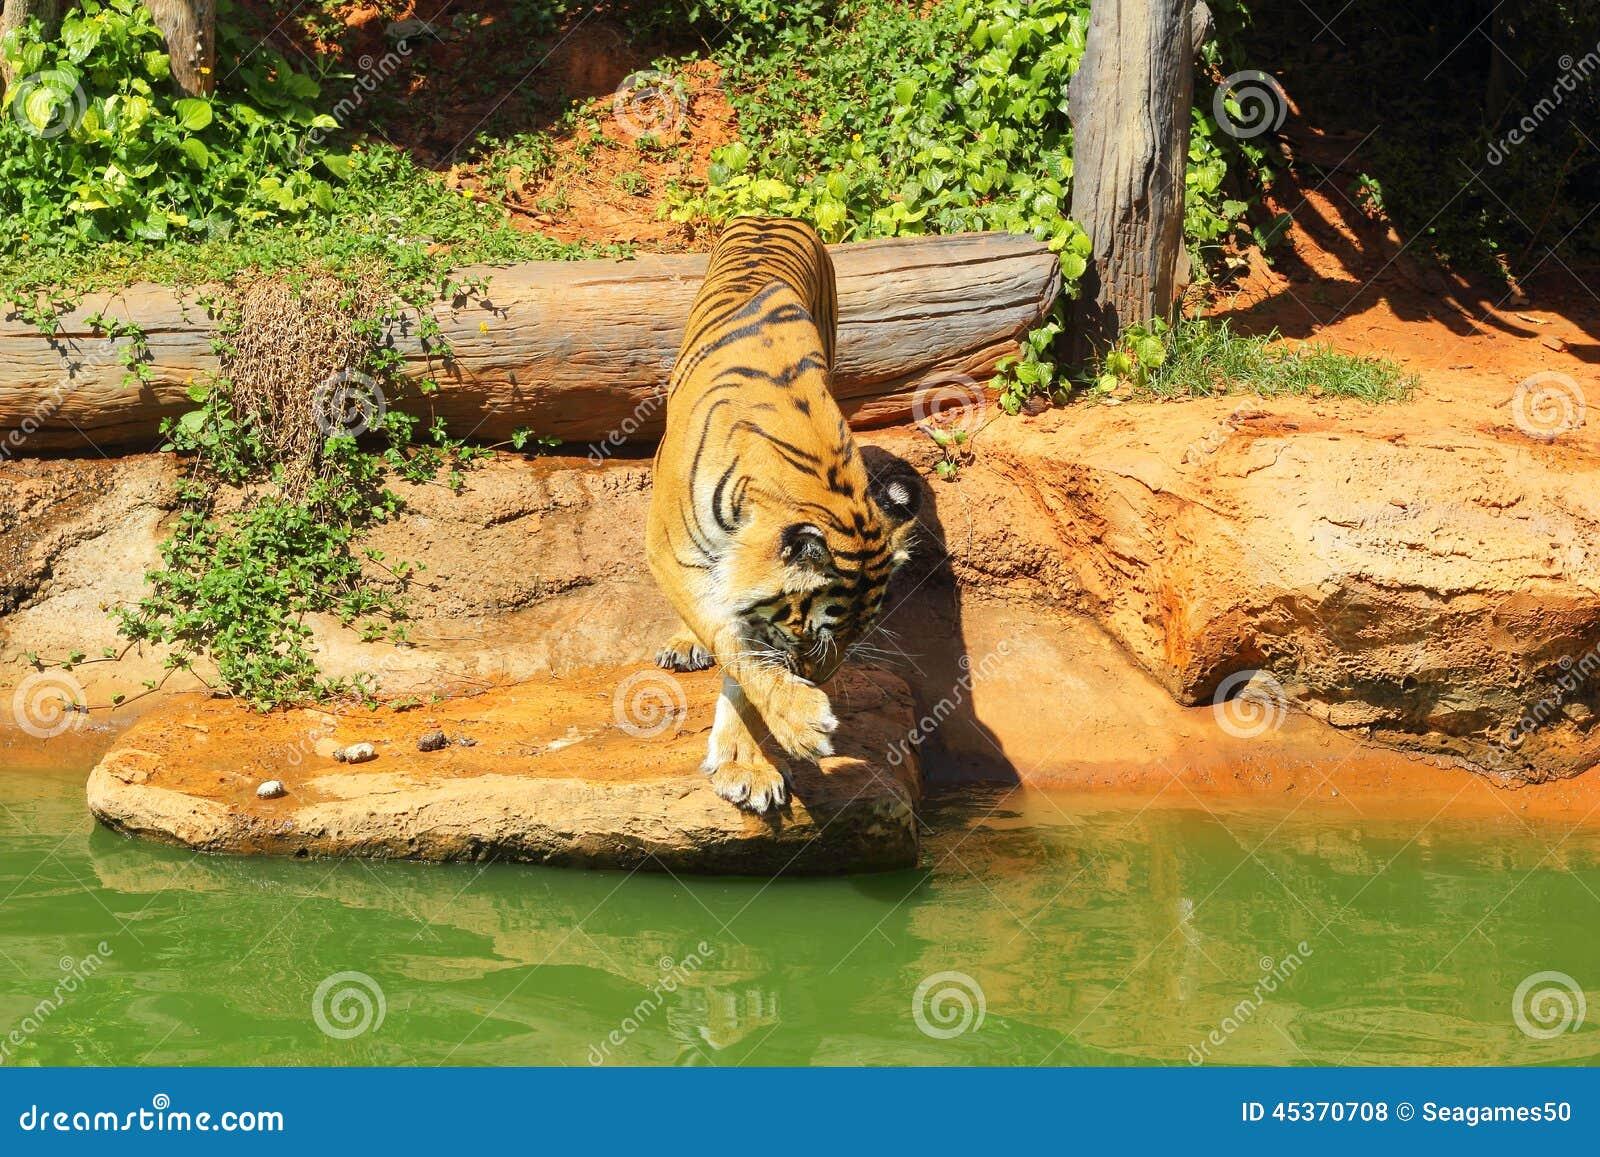 Tigres en zoos et nature